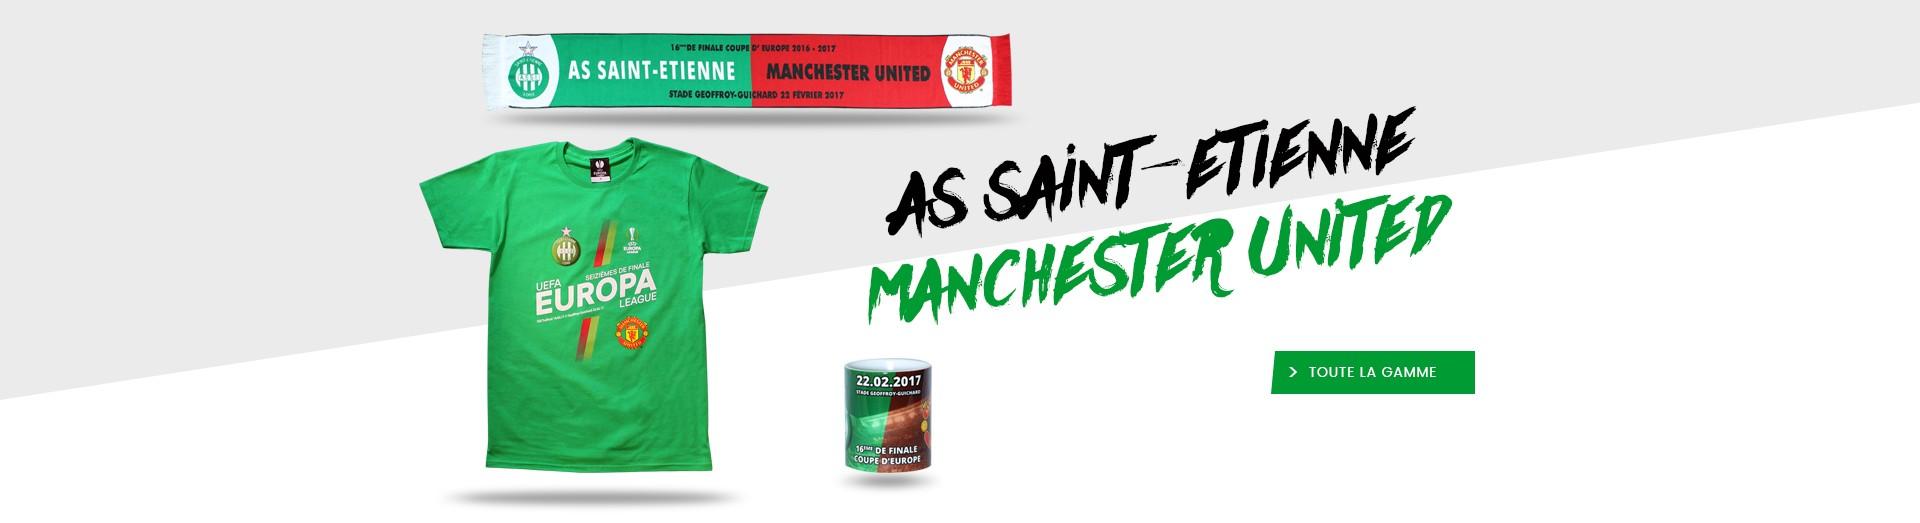 Gamme ASSE / Manchester